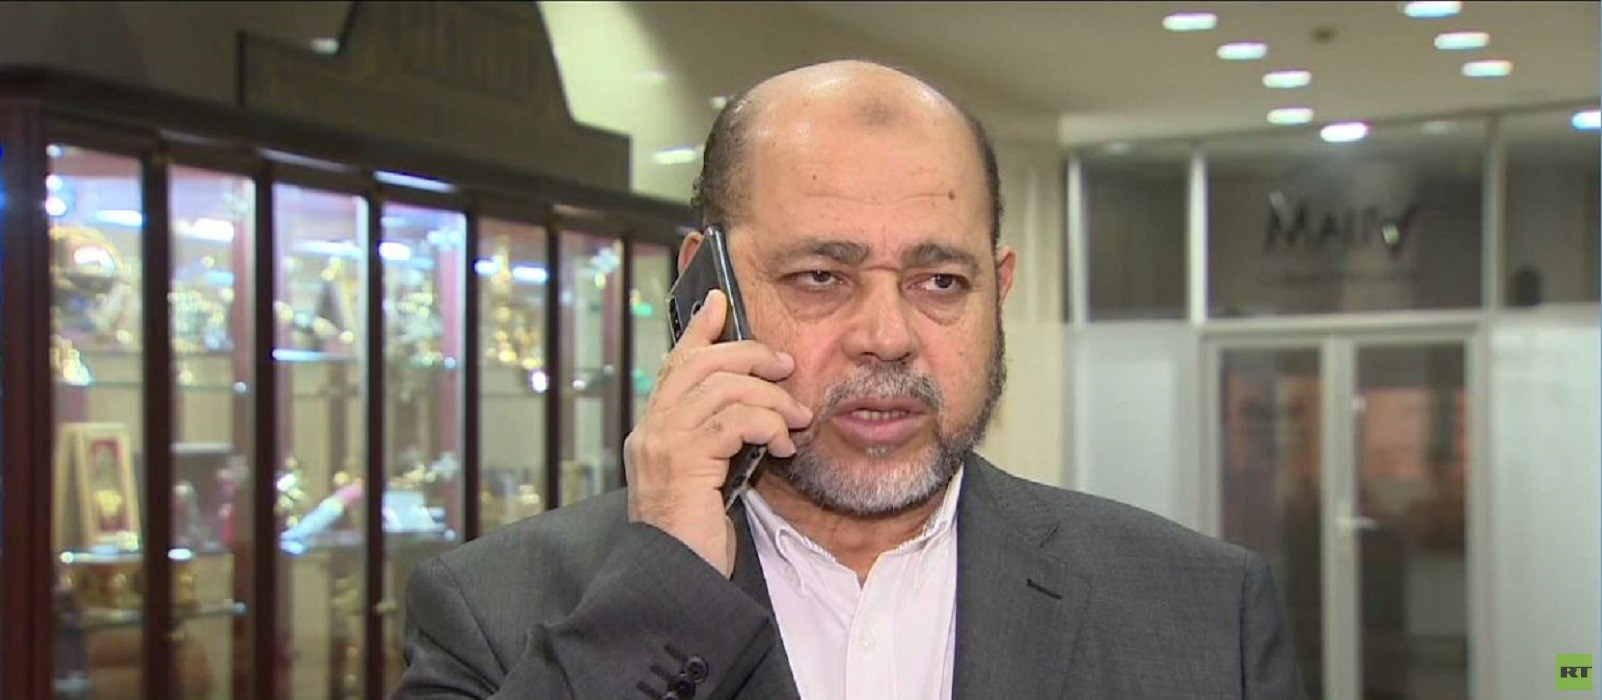 أبو مرزوق لـ RT: علاقات حماس مع إيران مستمرة تاريخيا